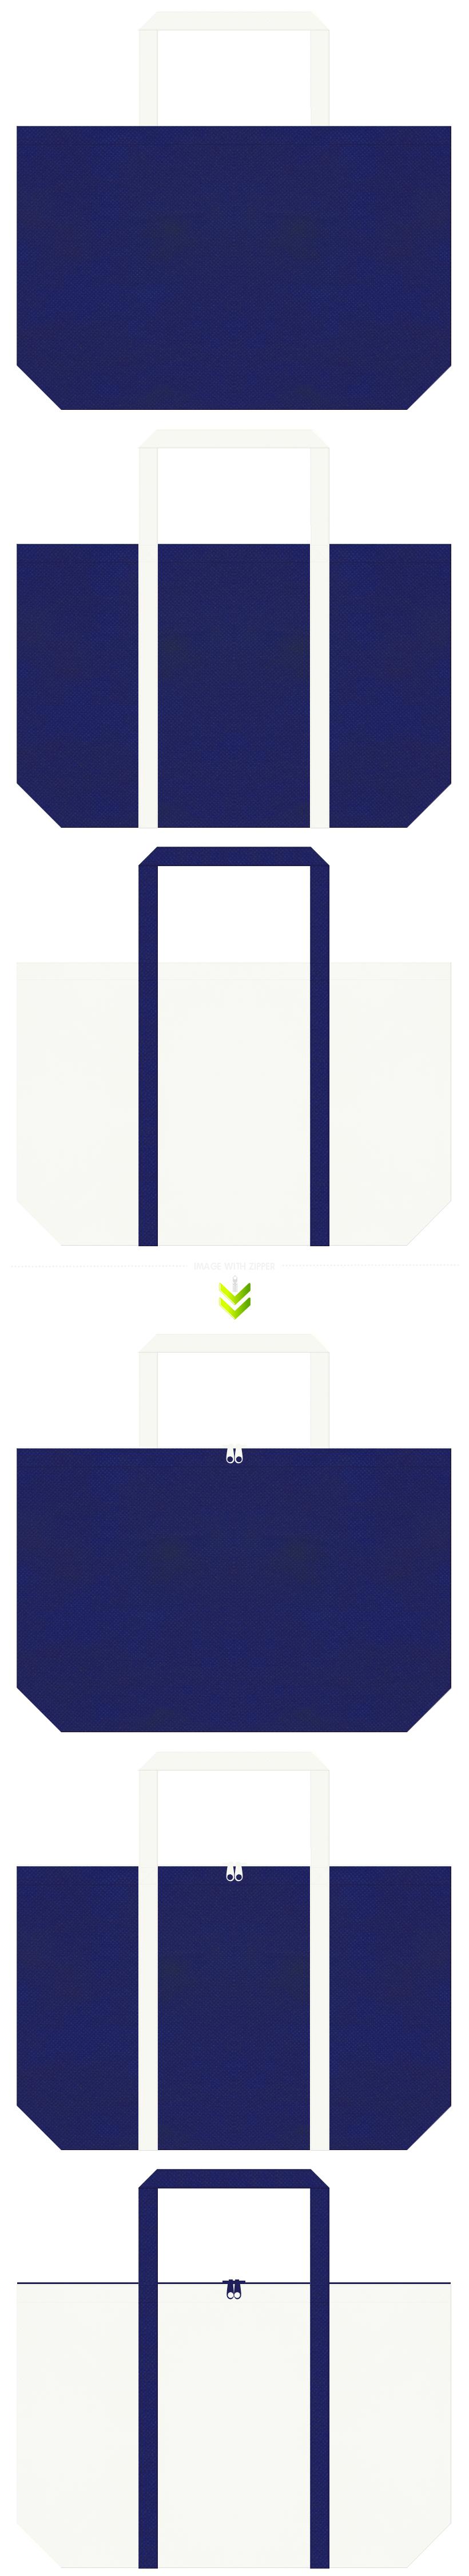 水産・船舶・学校・オープンキャンパス・学習塾・レッスンバッグ・マリンルック・水族館・クルージング・天体観測・プラネタリウム・太陽光パネル・太陽光発電の展示会用バッグ・サマーイベントにお奨めの不織布バッグデザイン:明るい紺色とオフホワイト色のコーデ